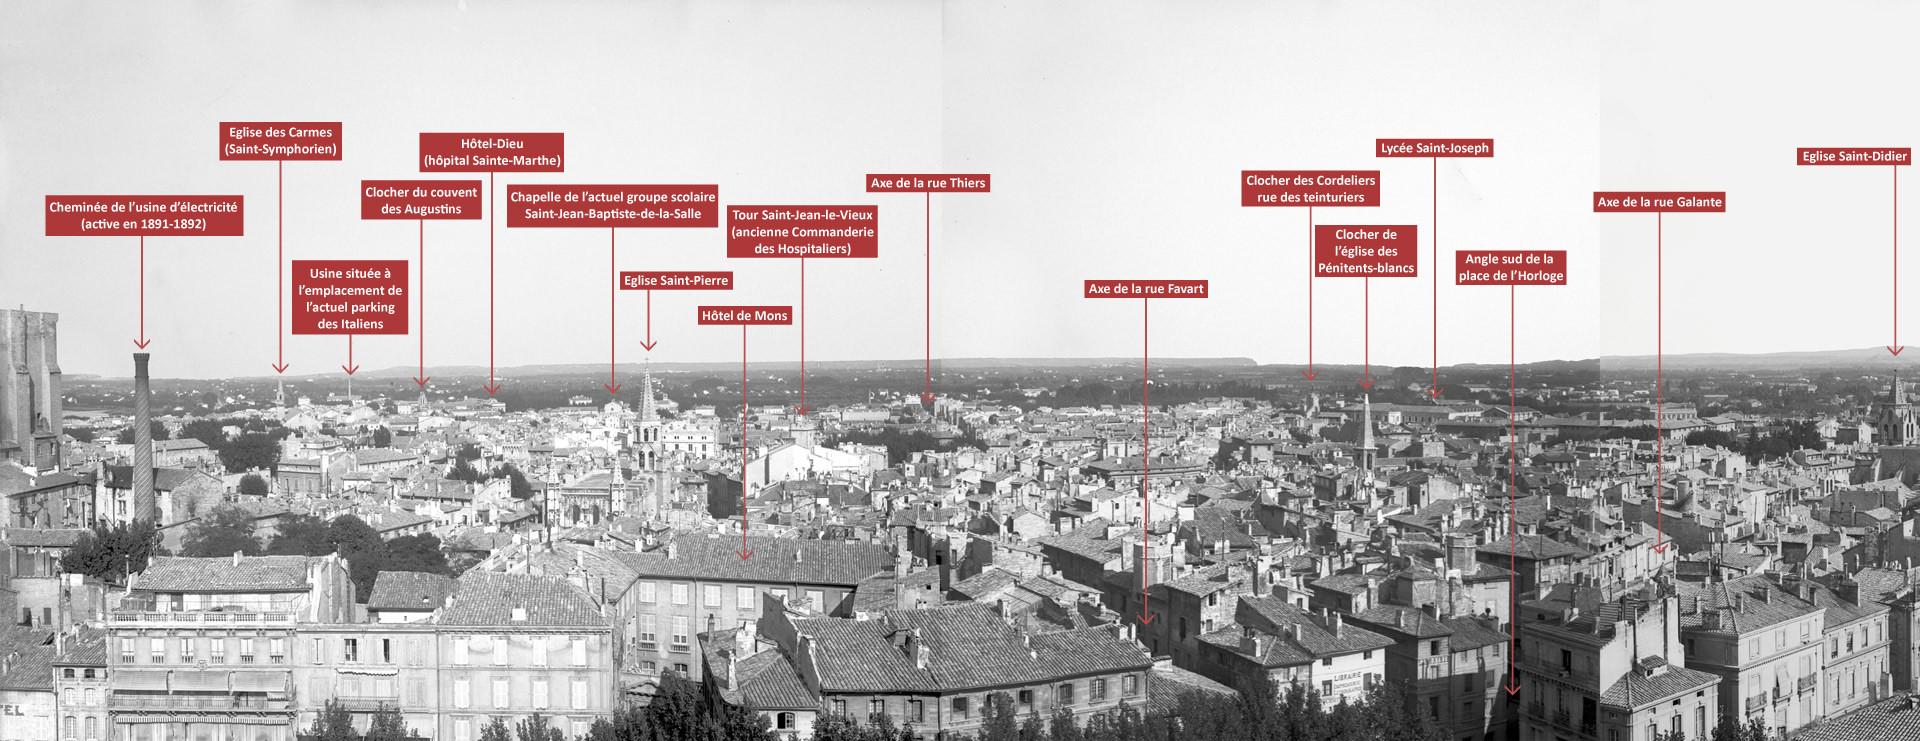 Vue panoramique d'Avignon depuis le beffroi de l'hôtel de ville 1/4